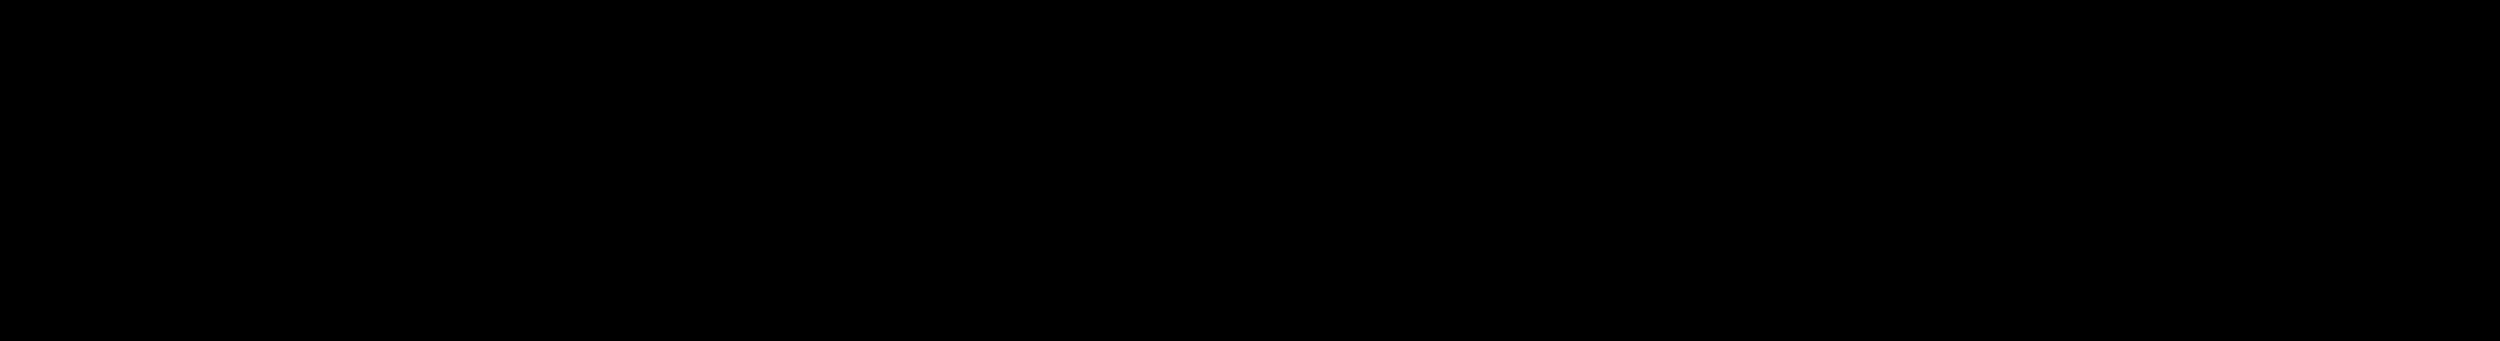 SDS Logo Png .png